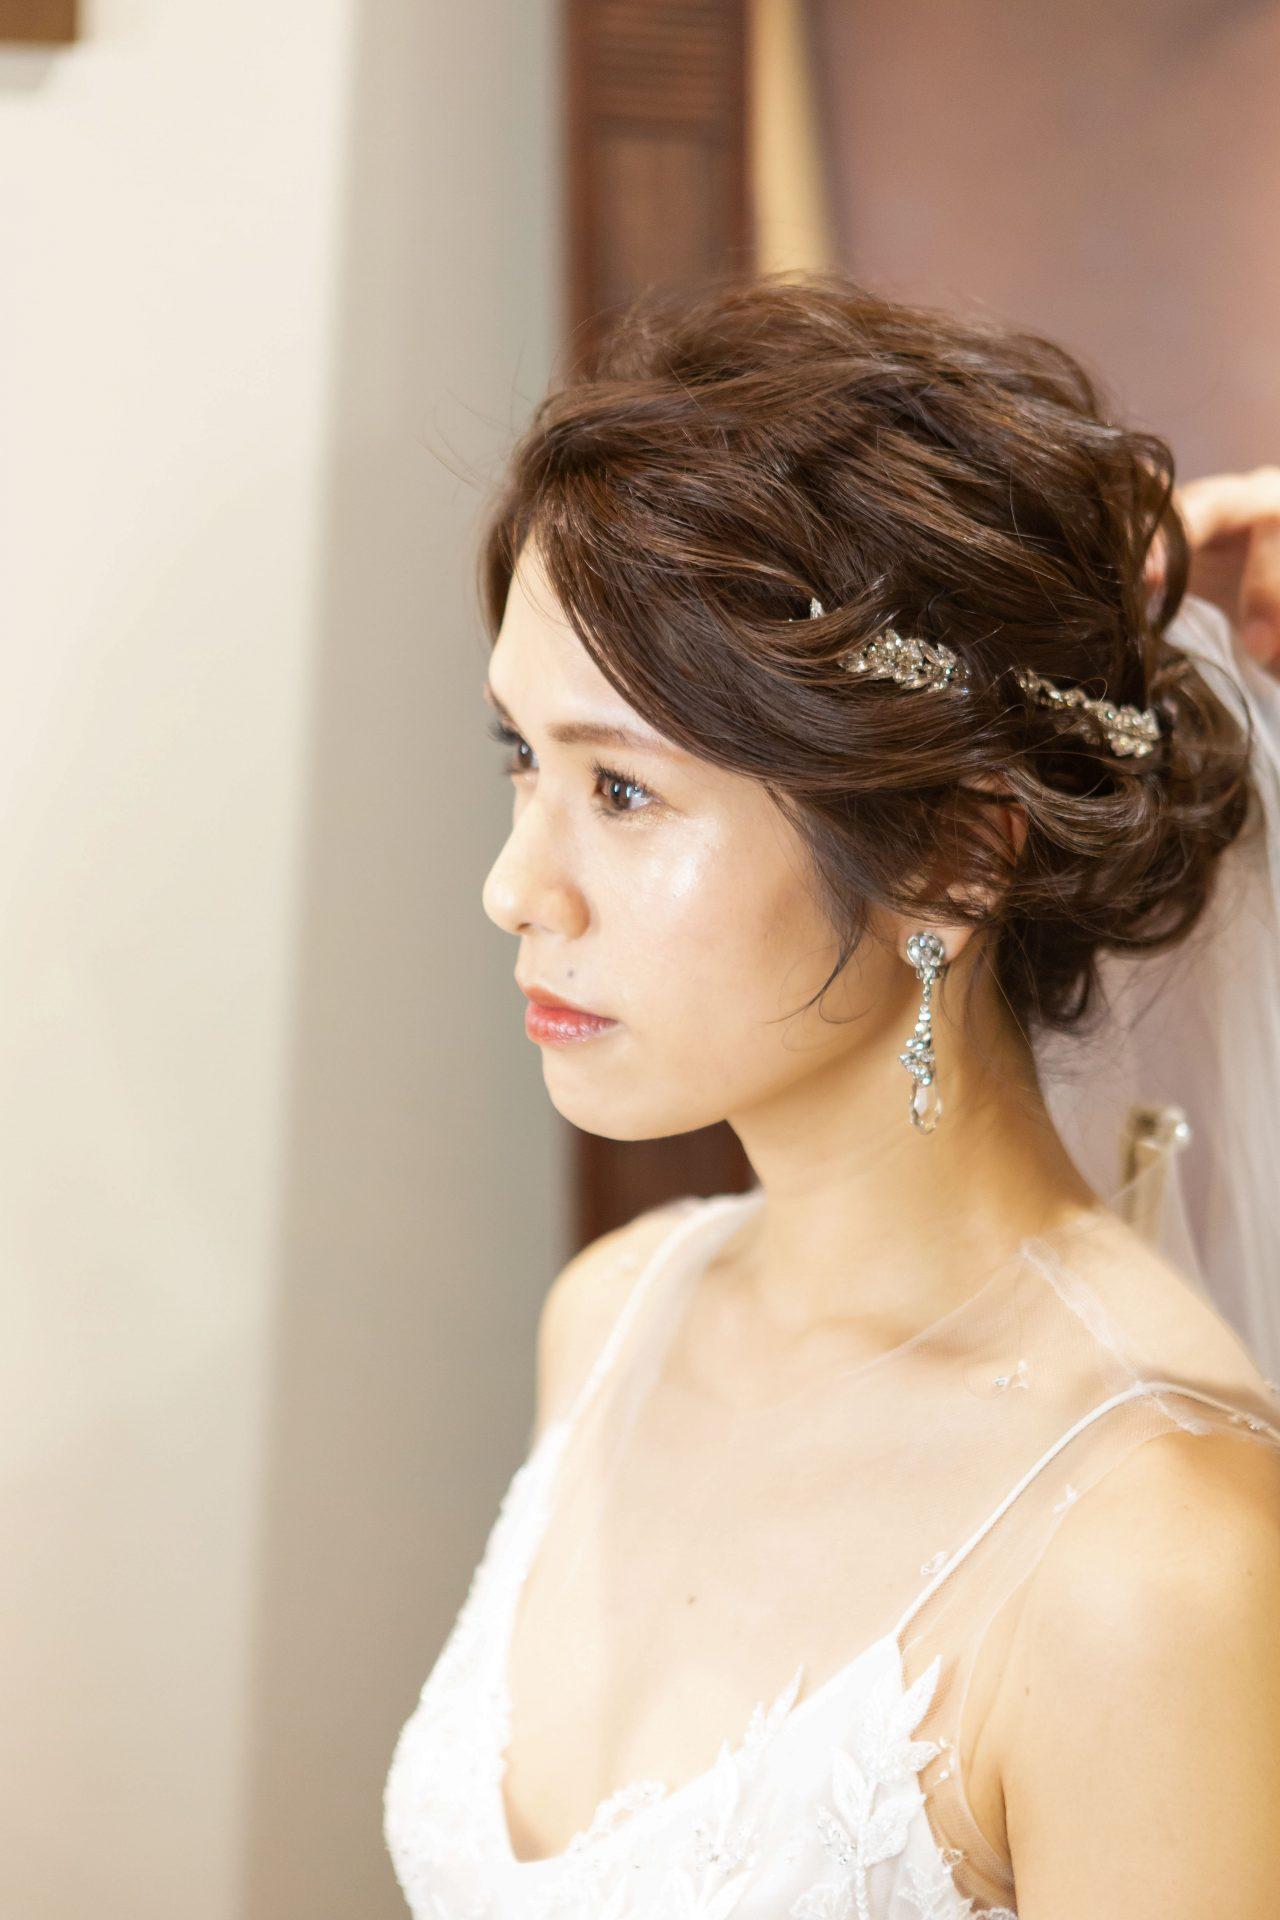 フォーチュンガーデン京都にてお式に向けてお支度をされる花嫁様